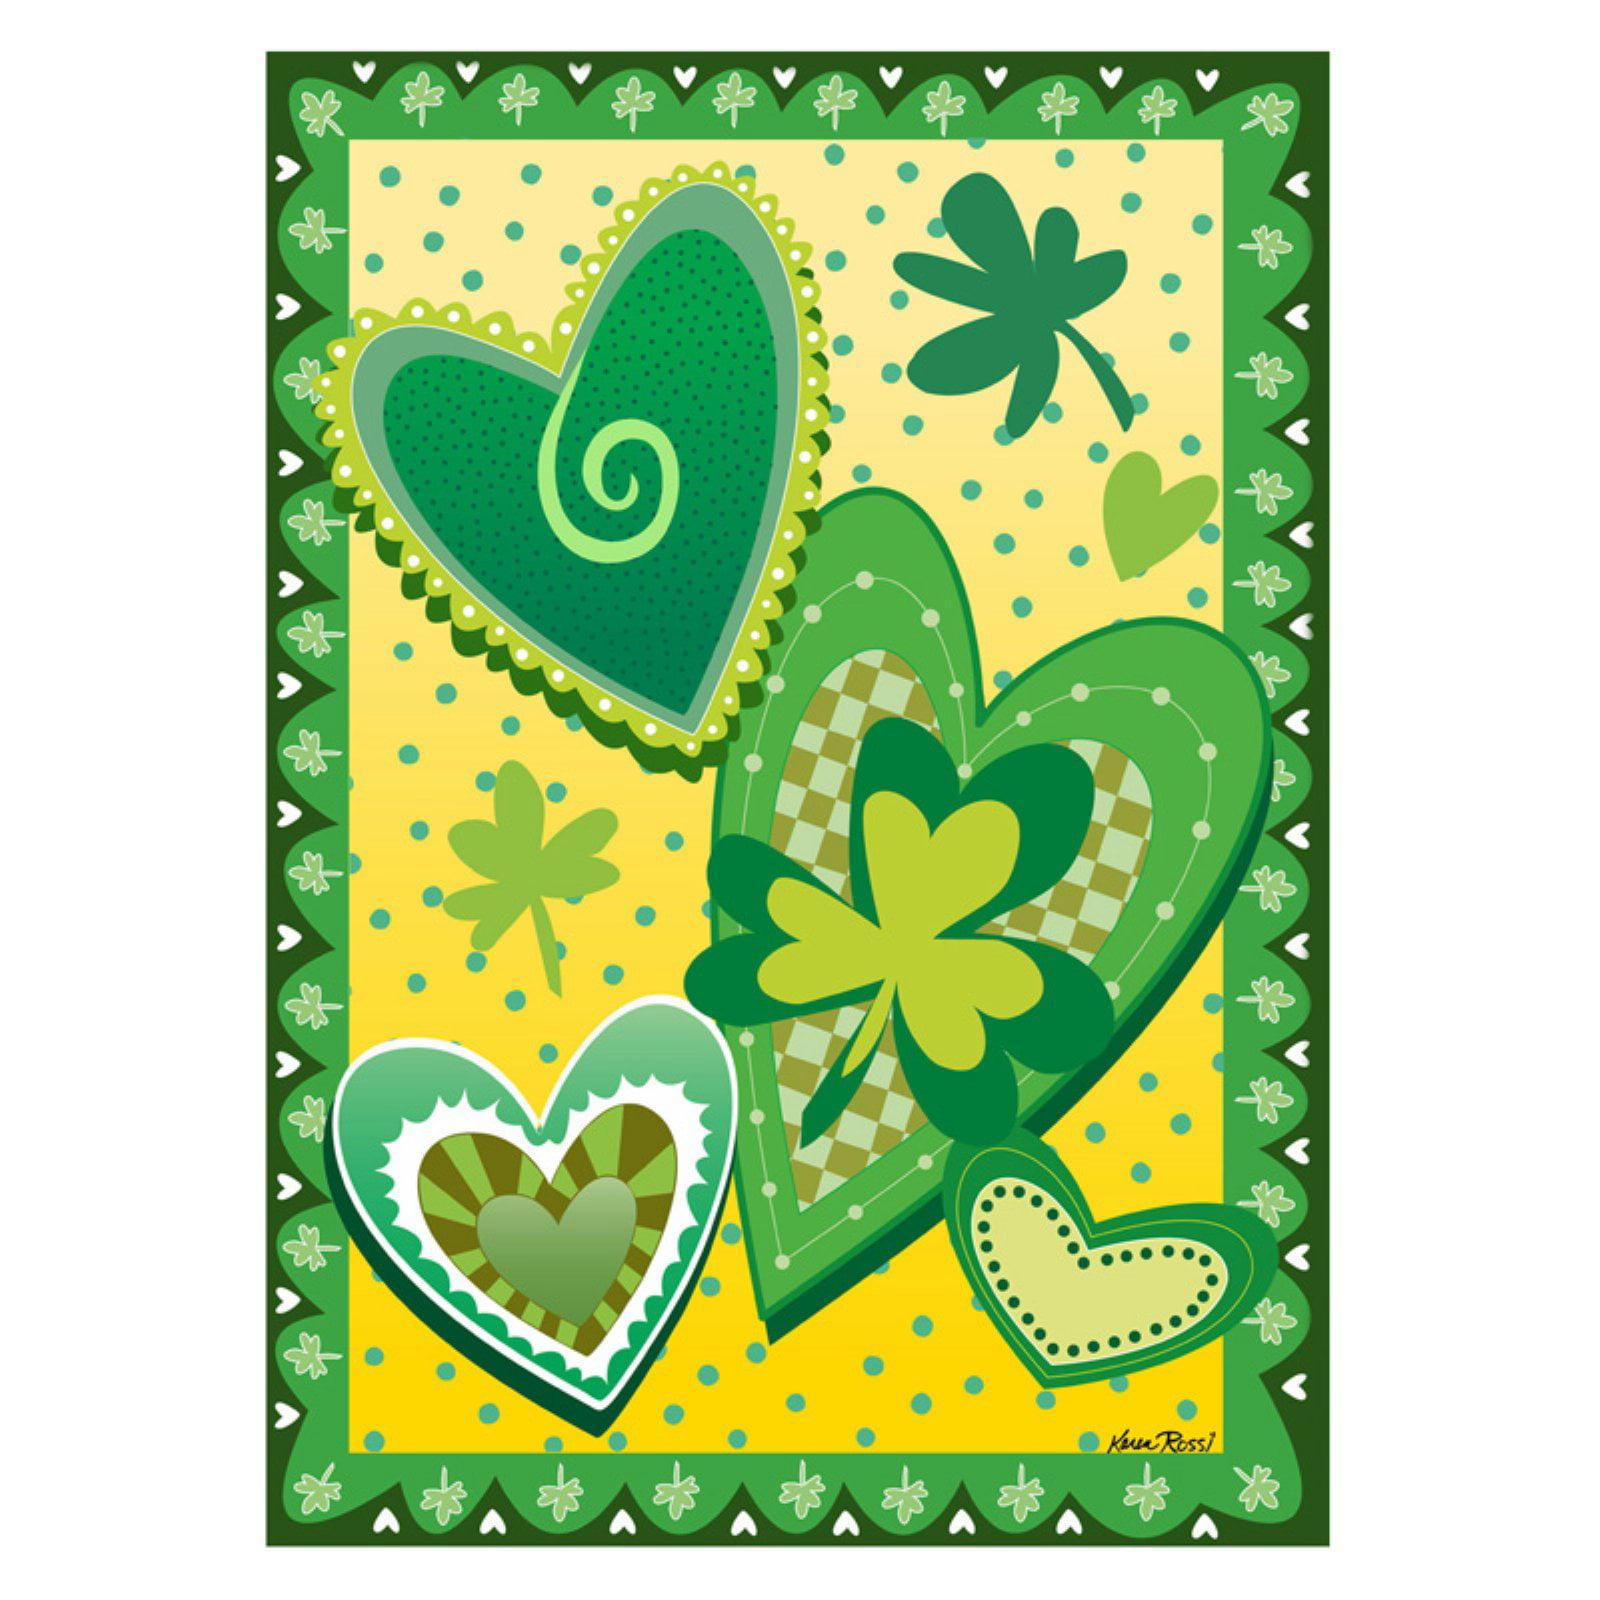 Toland Home Garden Heart O the Irish Flag by Toland Home Garden